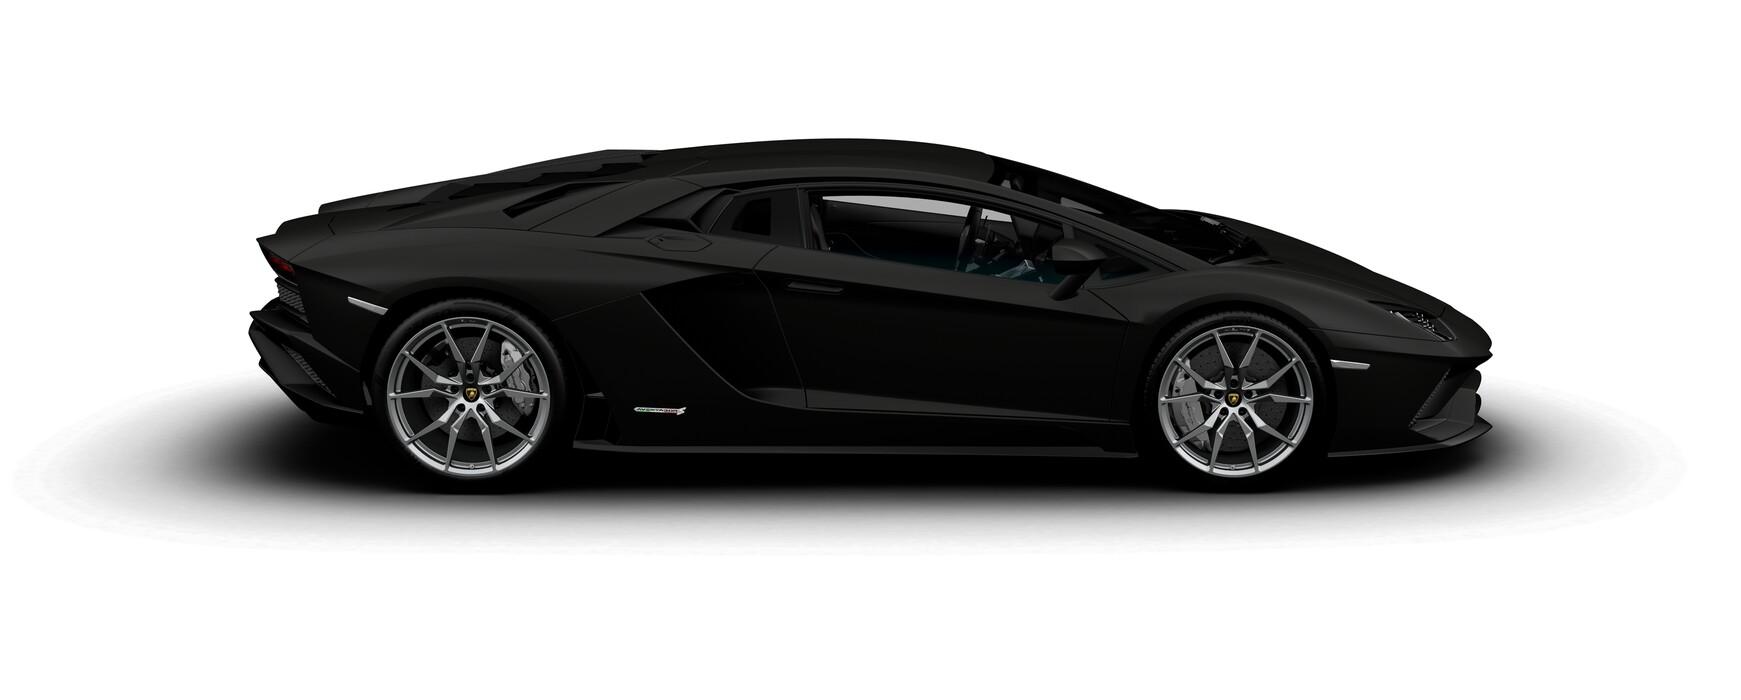 Lamborghini Aventador S Coupe matte Nero Nemesis side view